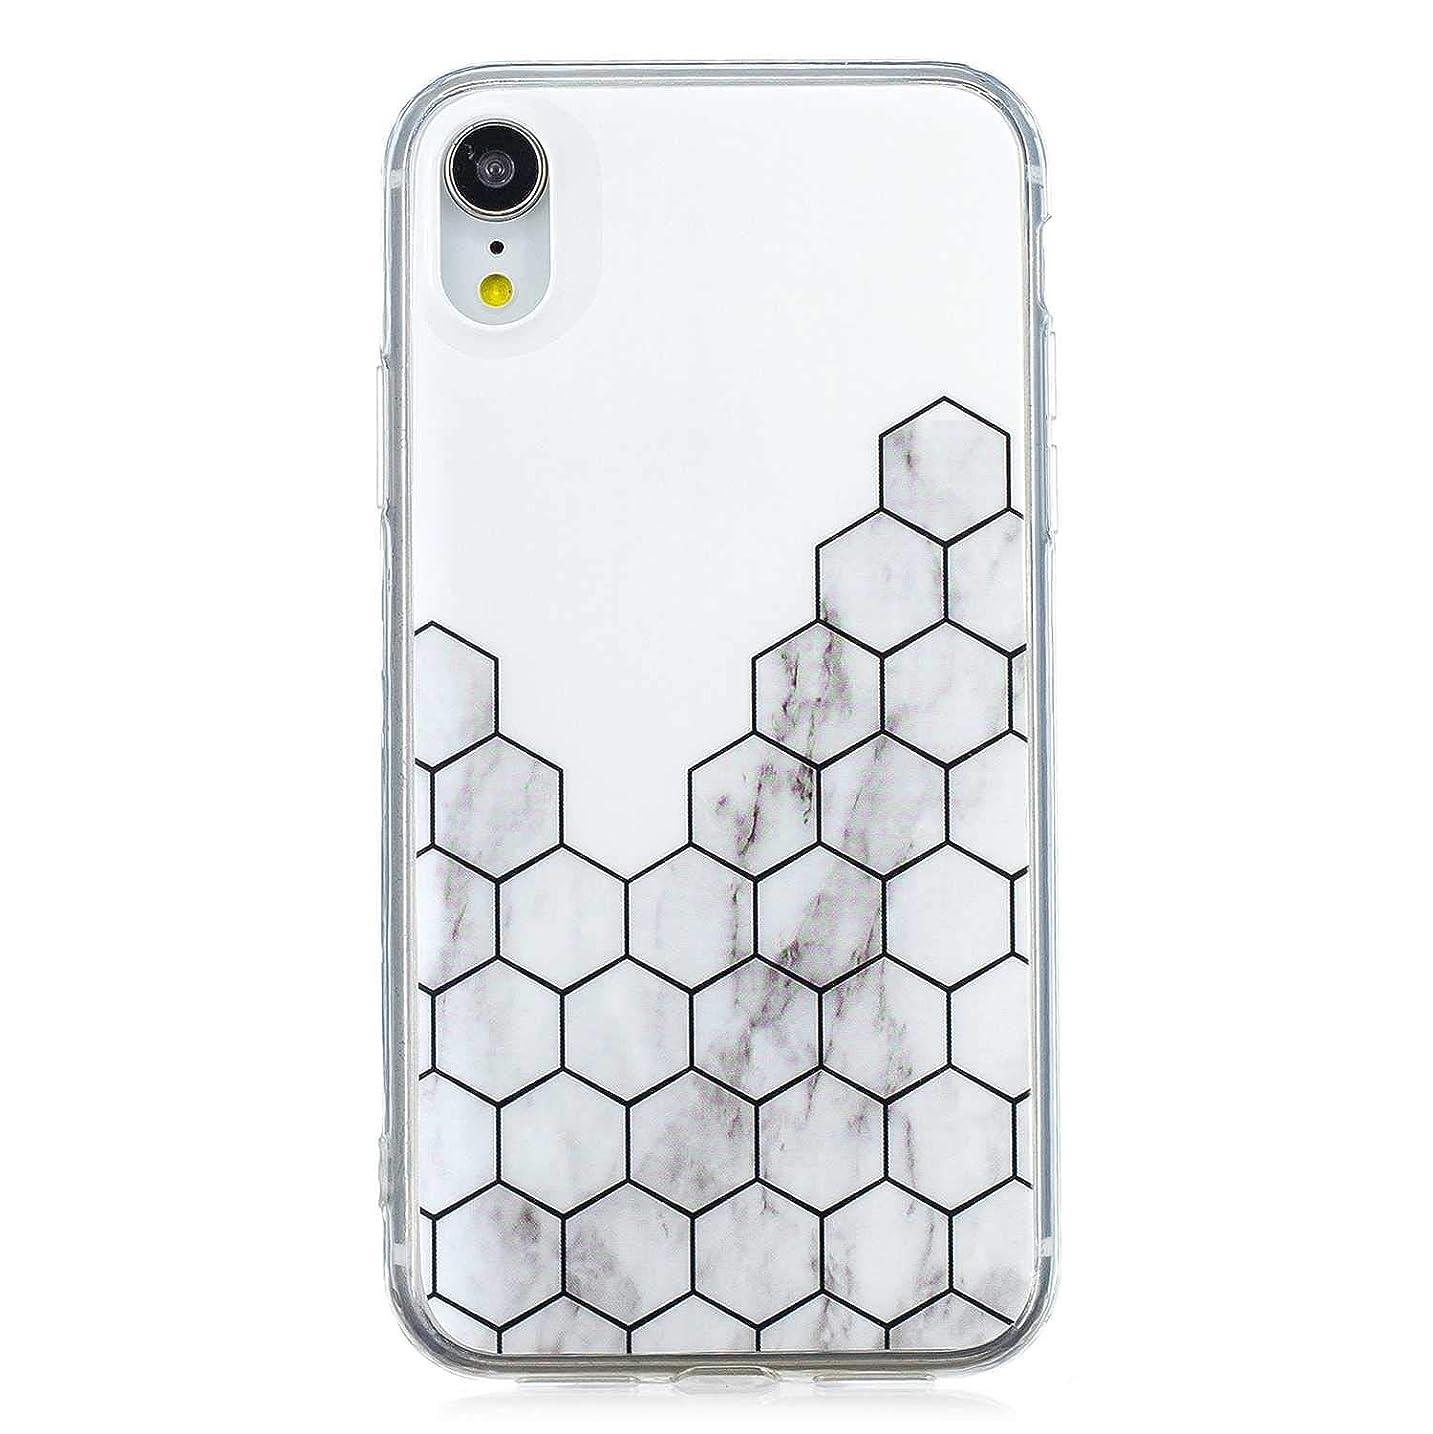 方言どう?添加剤iPhone XR ソフト ケース, CUNUS Apple iPhone XR ケース TPU シリコン スリム 薄型 耐摩擦 耐衝撃 スマホケース, 新品 高級 ケース, 模様3